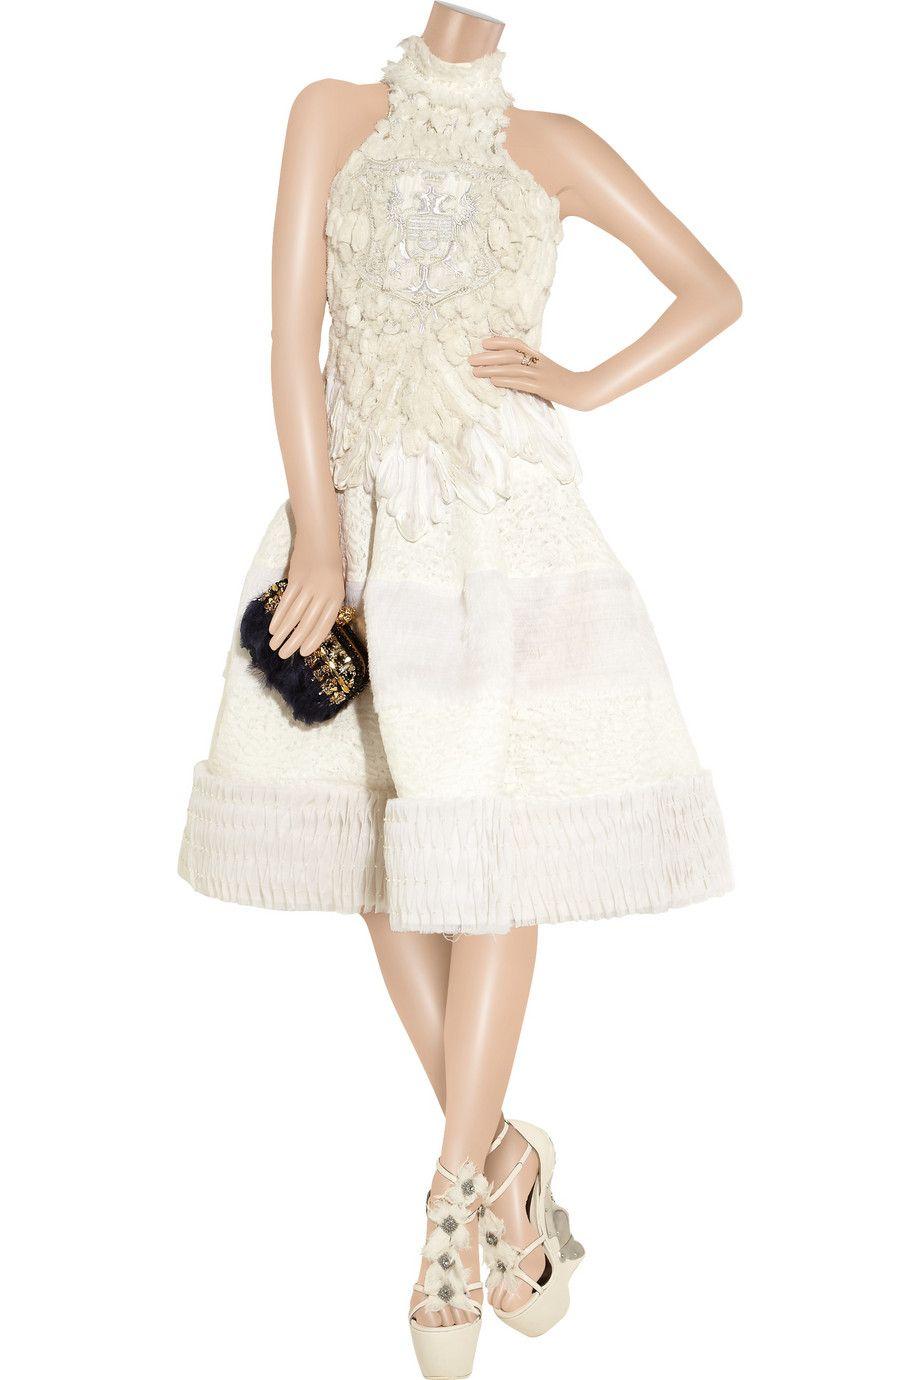 alexander mcqueen high-embroided silk-chiffon dress